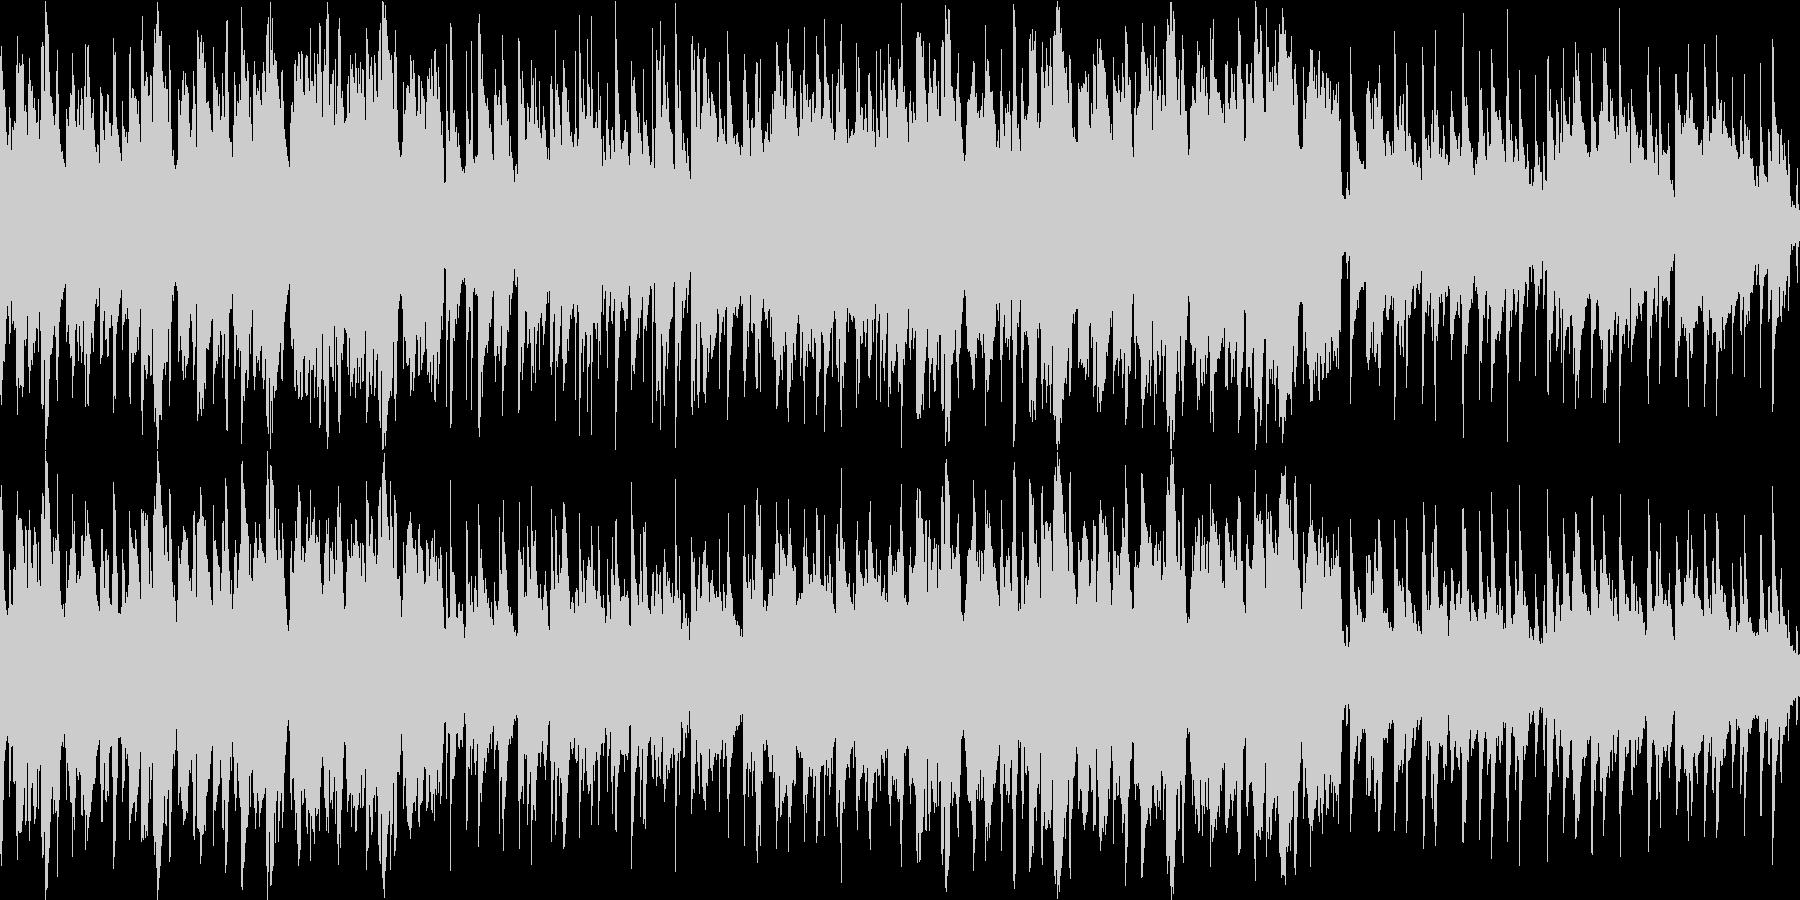 北欧の街並み・爽やかな民族音楽・ループ版の未再生の波形